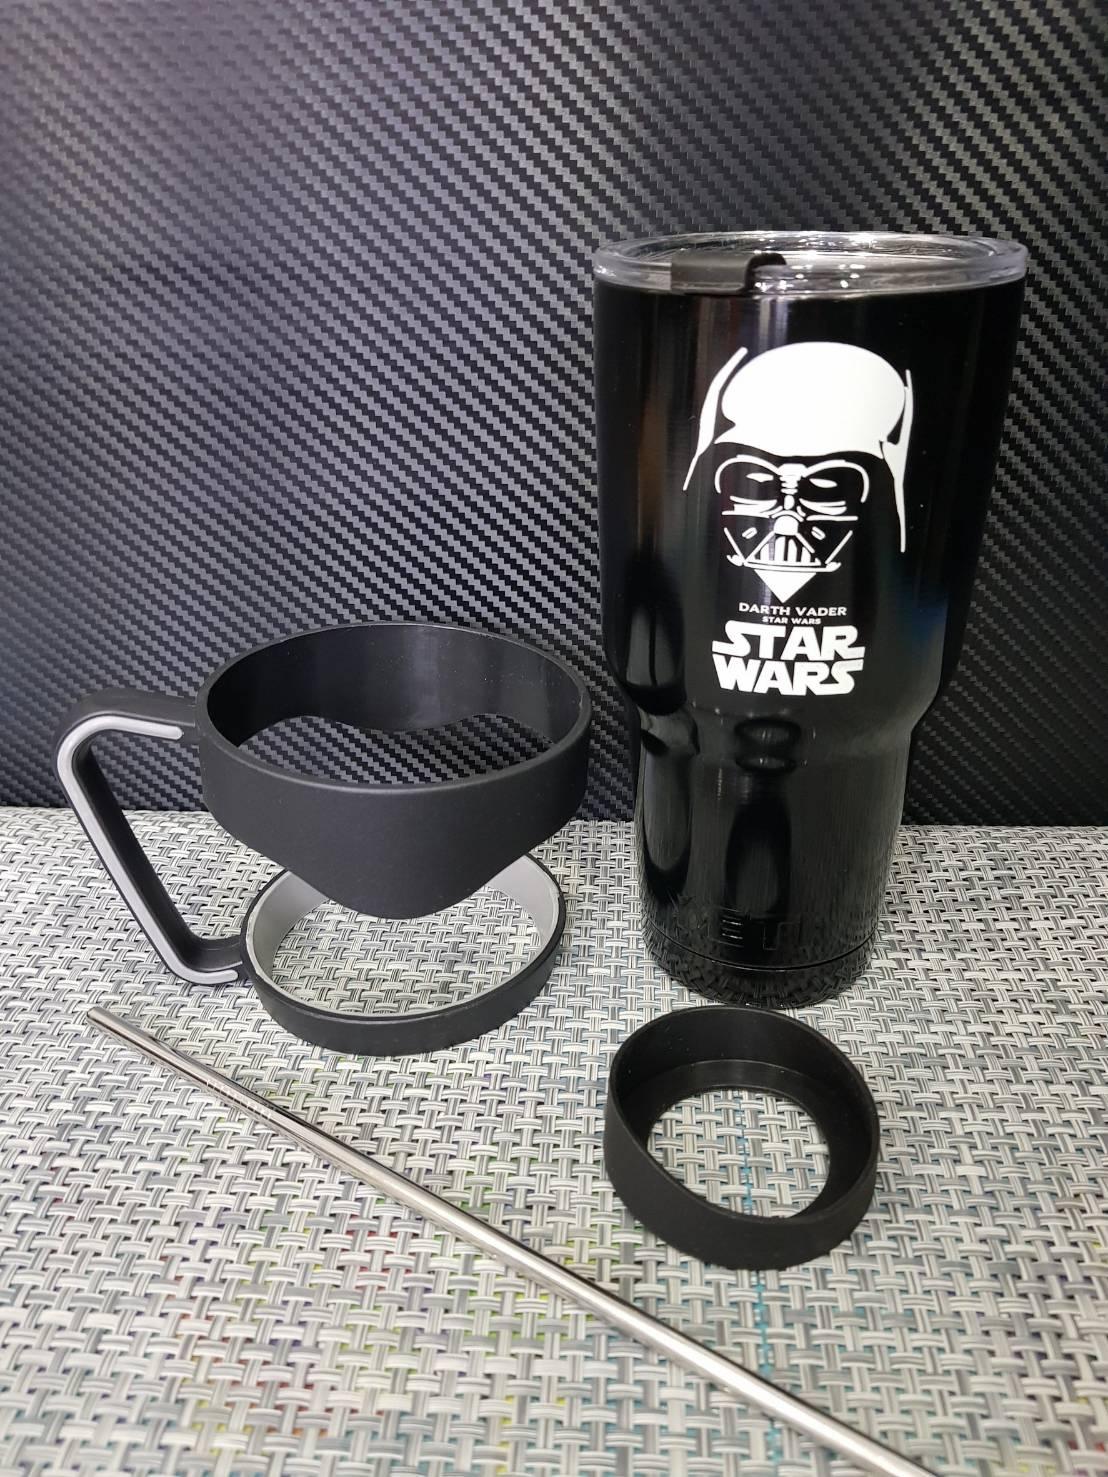 ชุดแก้วเยติ 30 ออนซ์ พื้นสีดำ โลโก้ สตาร์วอร์ ดาร์กเวเดอร์